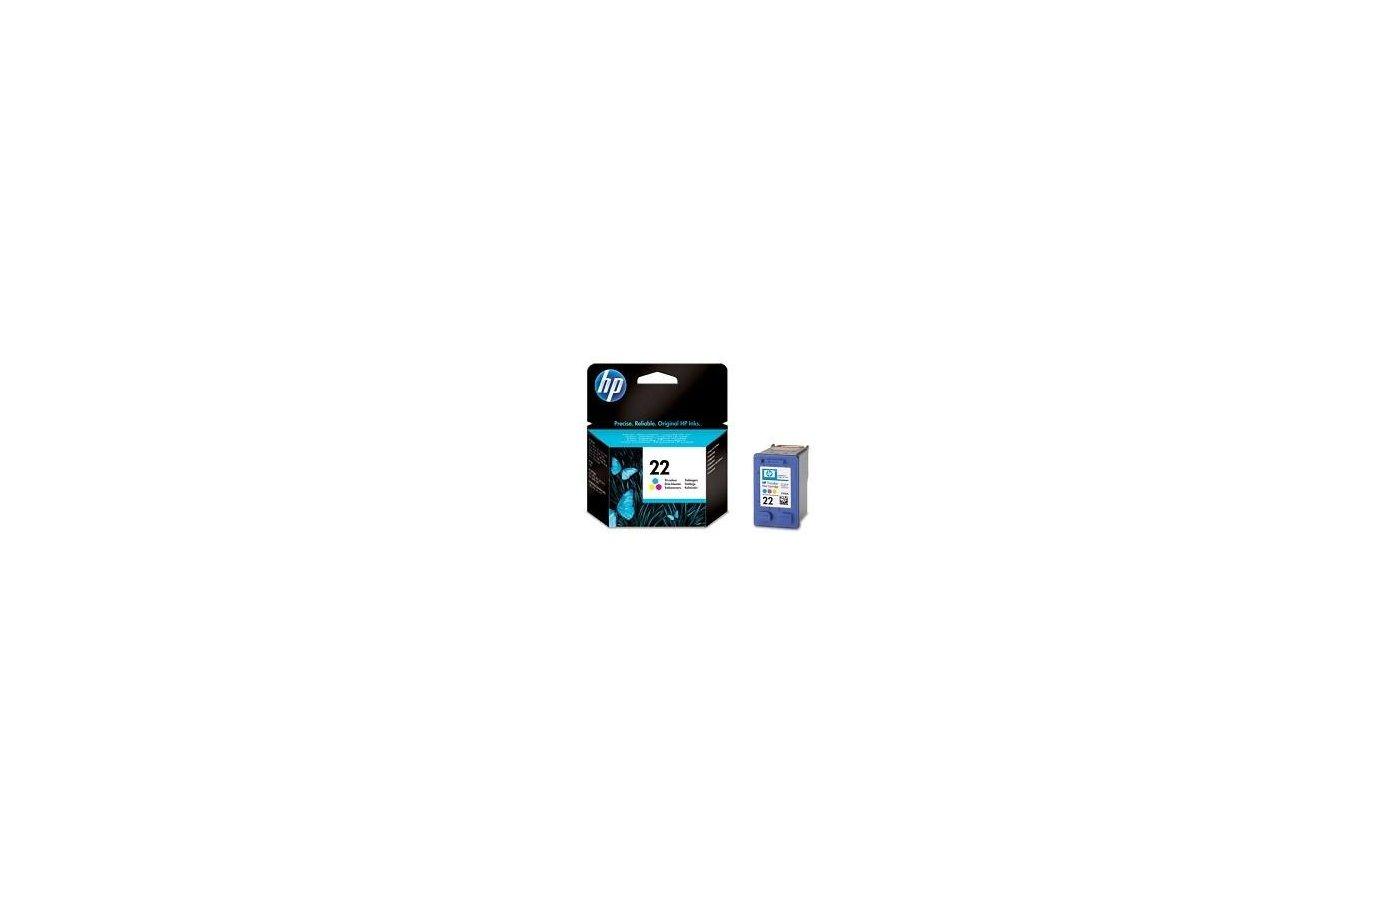 Картридж струйный HP 22 C9352AE многоцветный для DJ 3920/3940/PSC 1410 (165стр.)